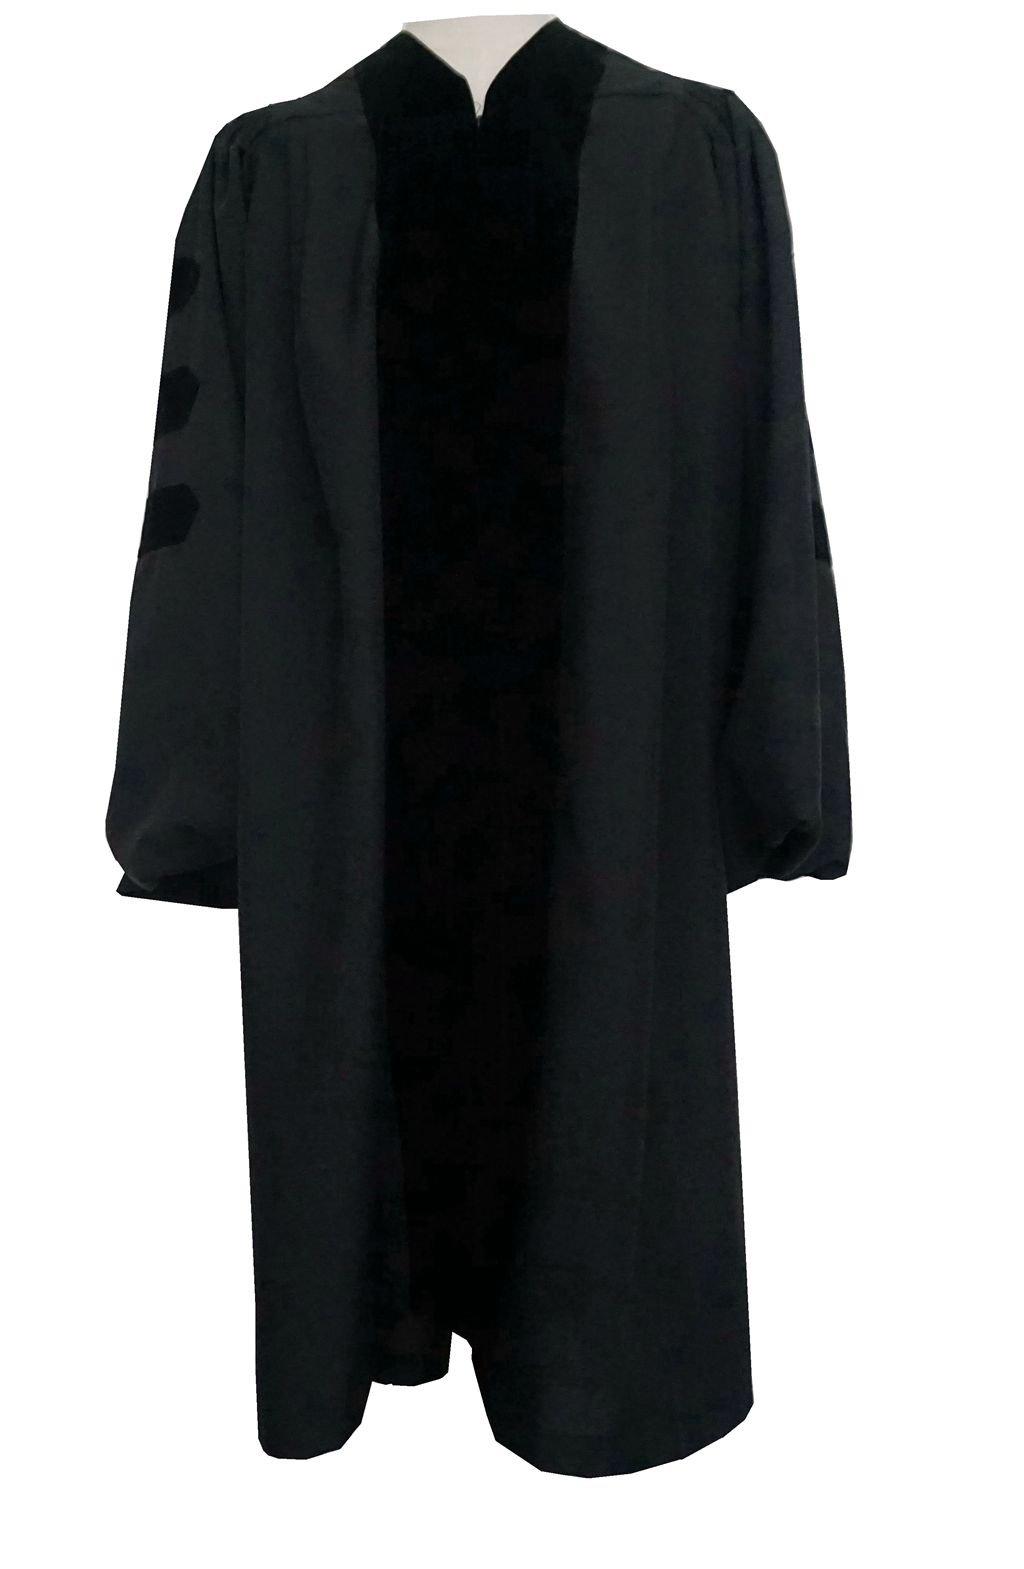 Doctoral Robe Unisex Deluxe Black Velvet Grad Days(BLk48)